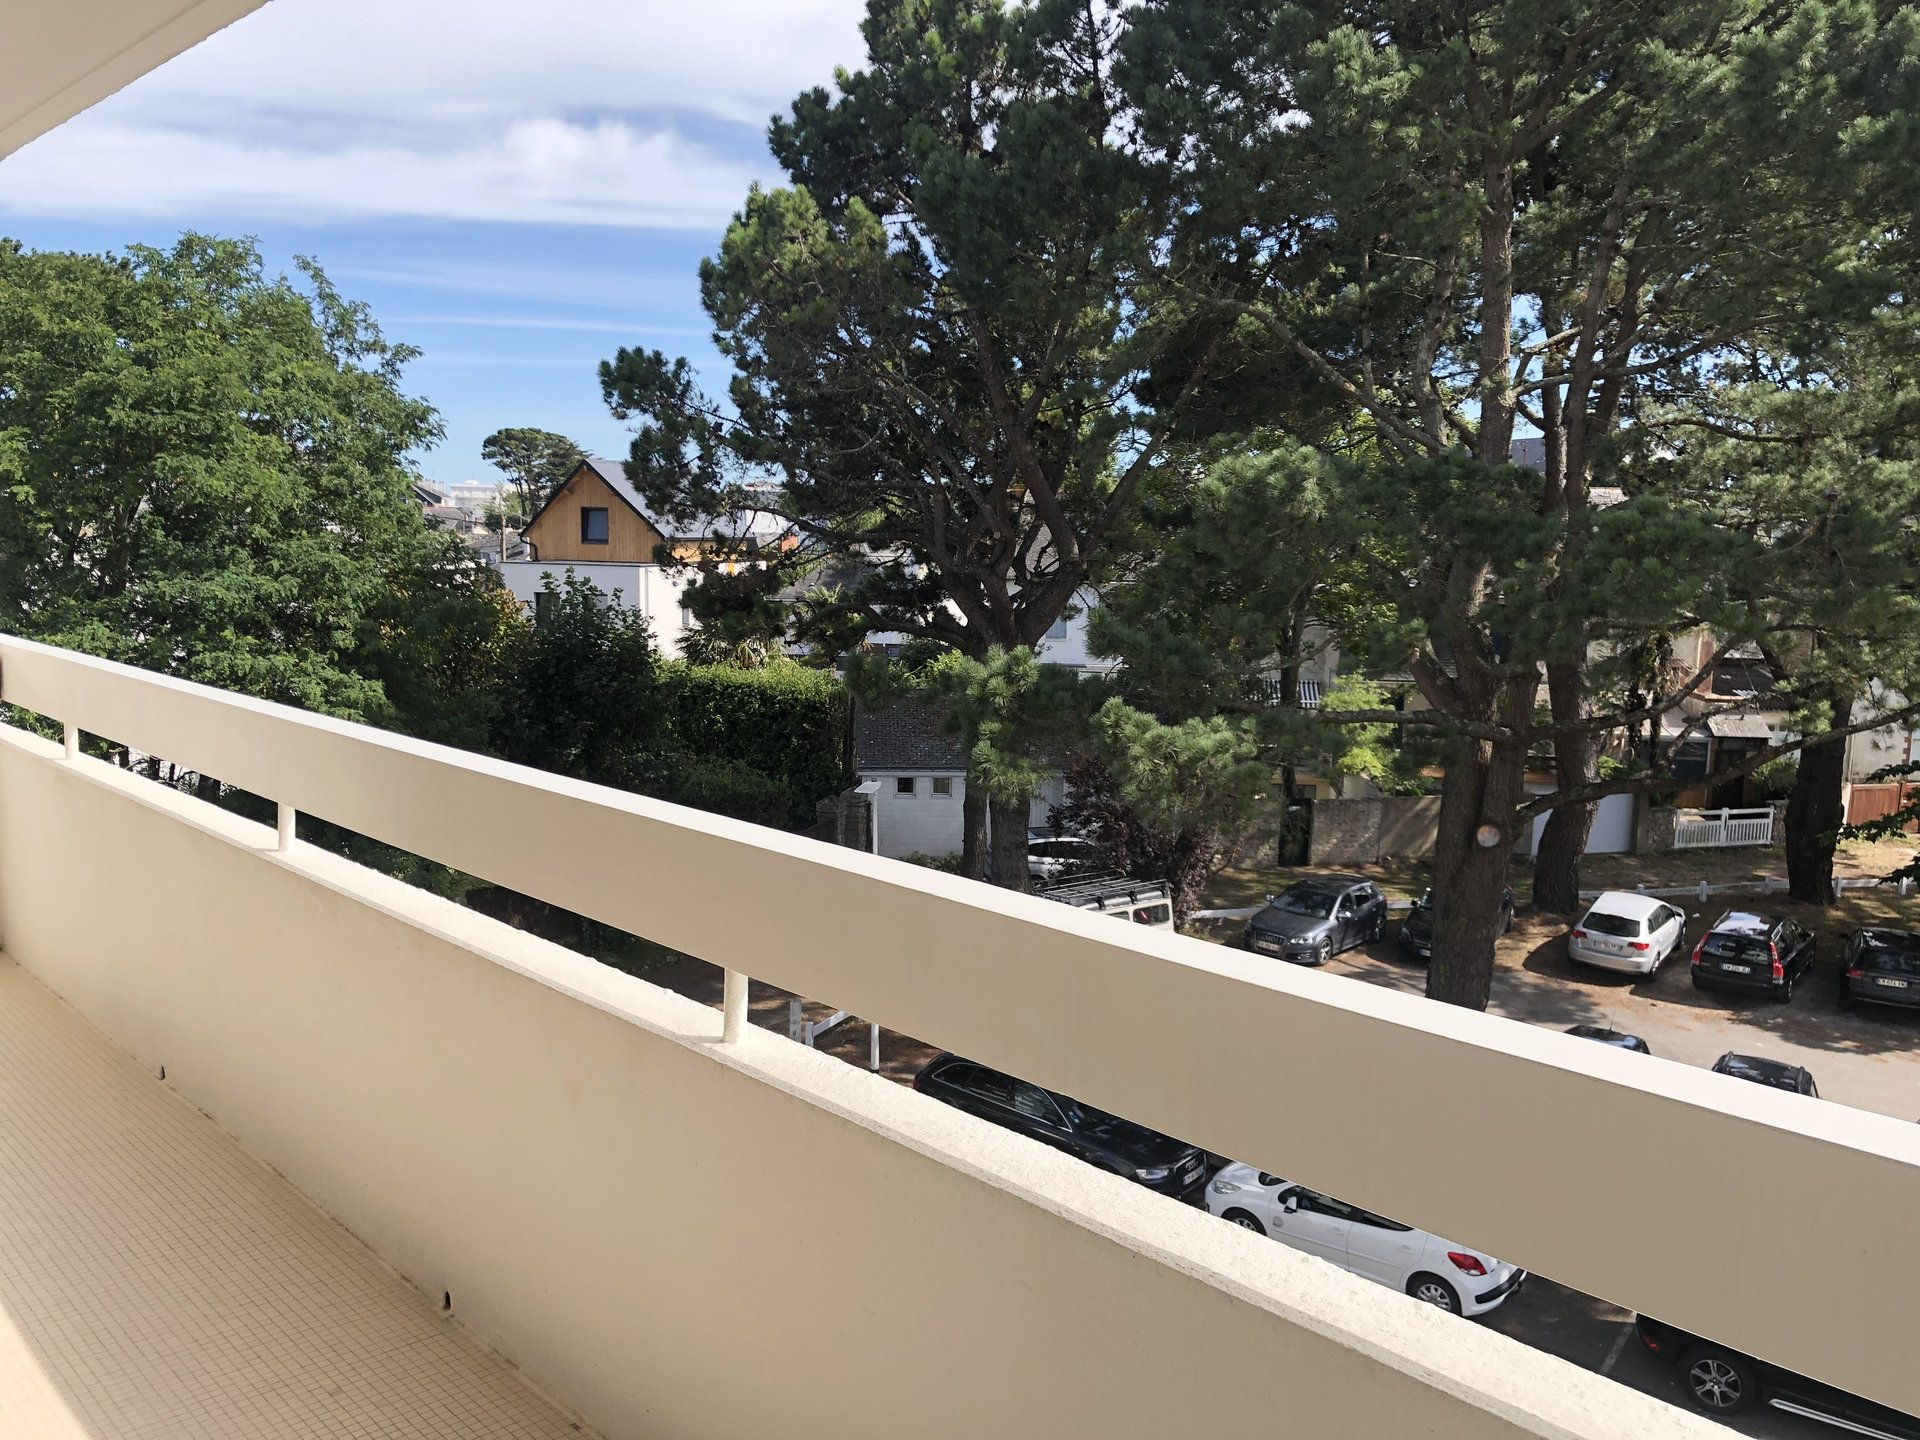 Alquiler Piso - La Baule-Escoublac